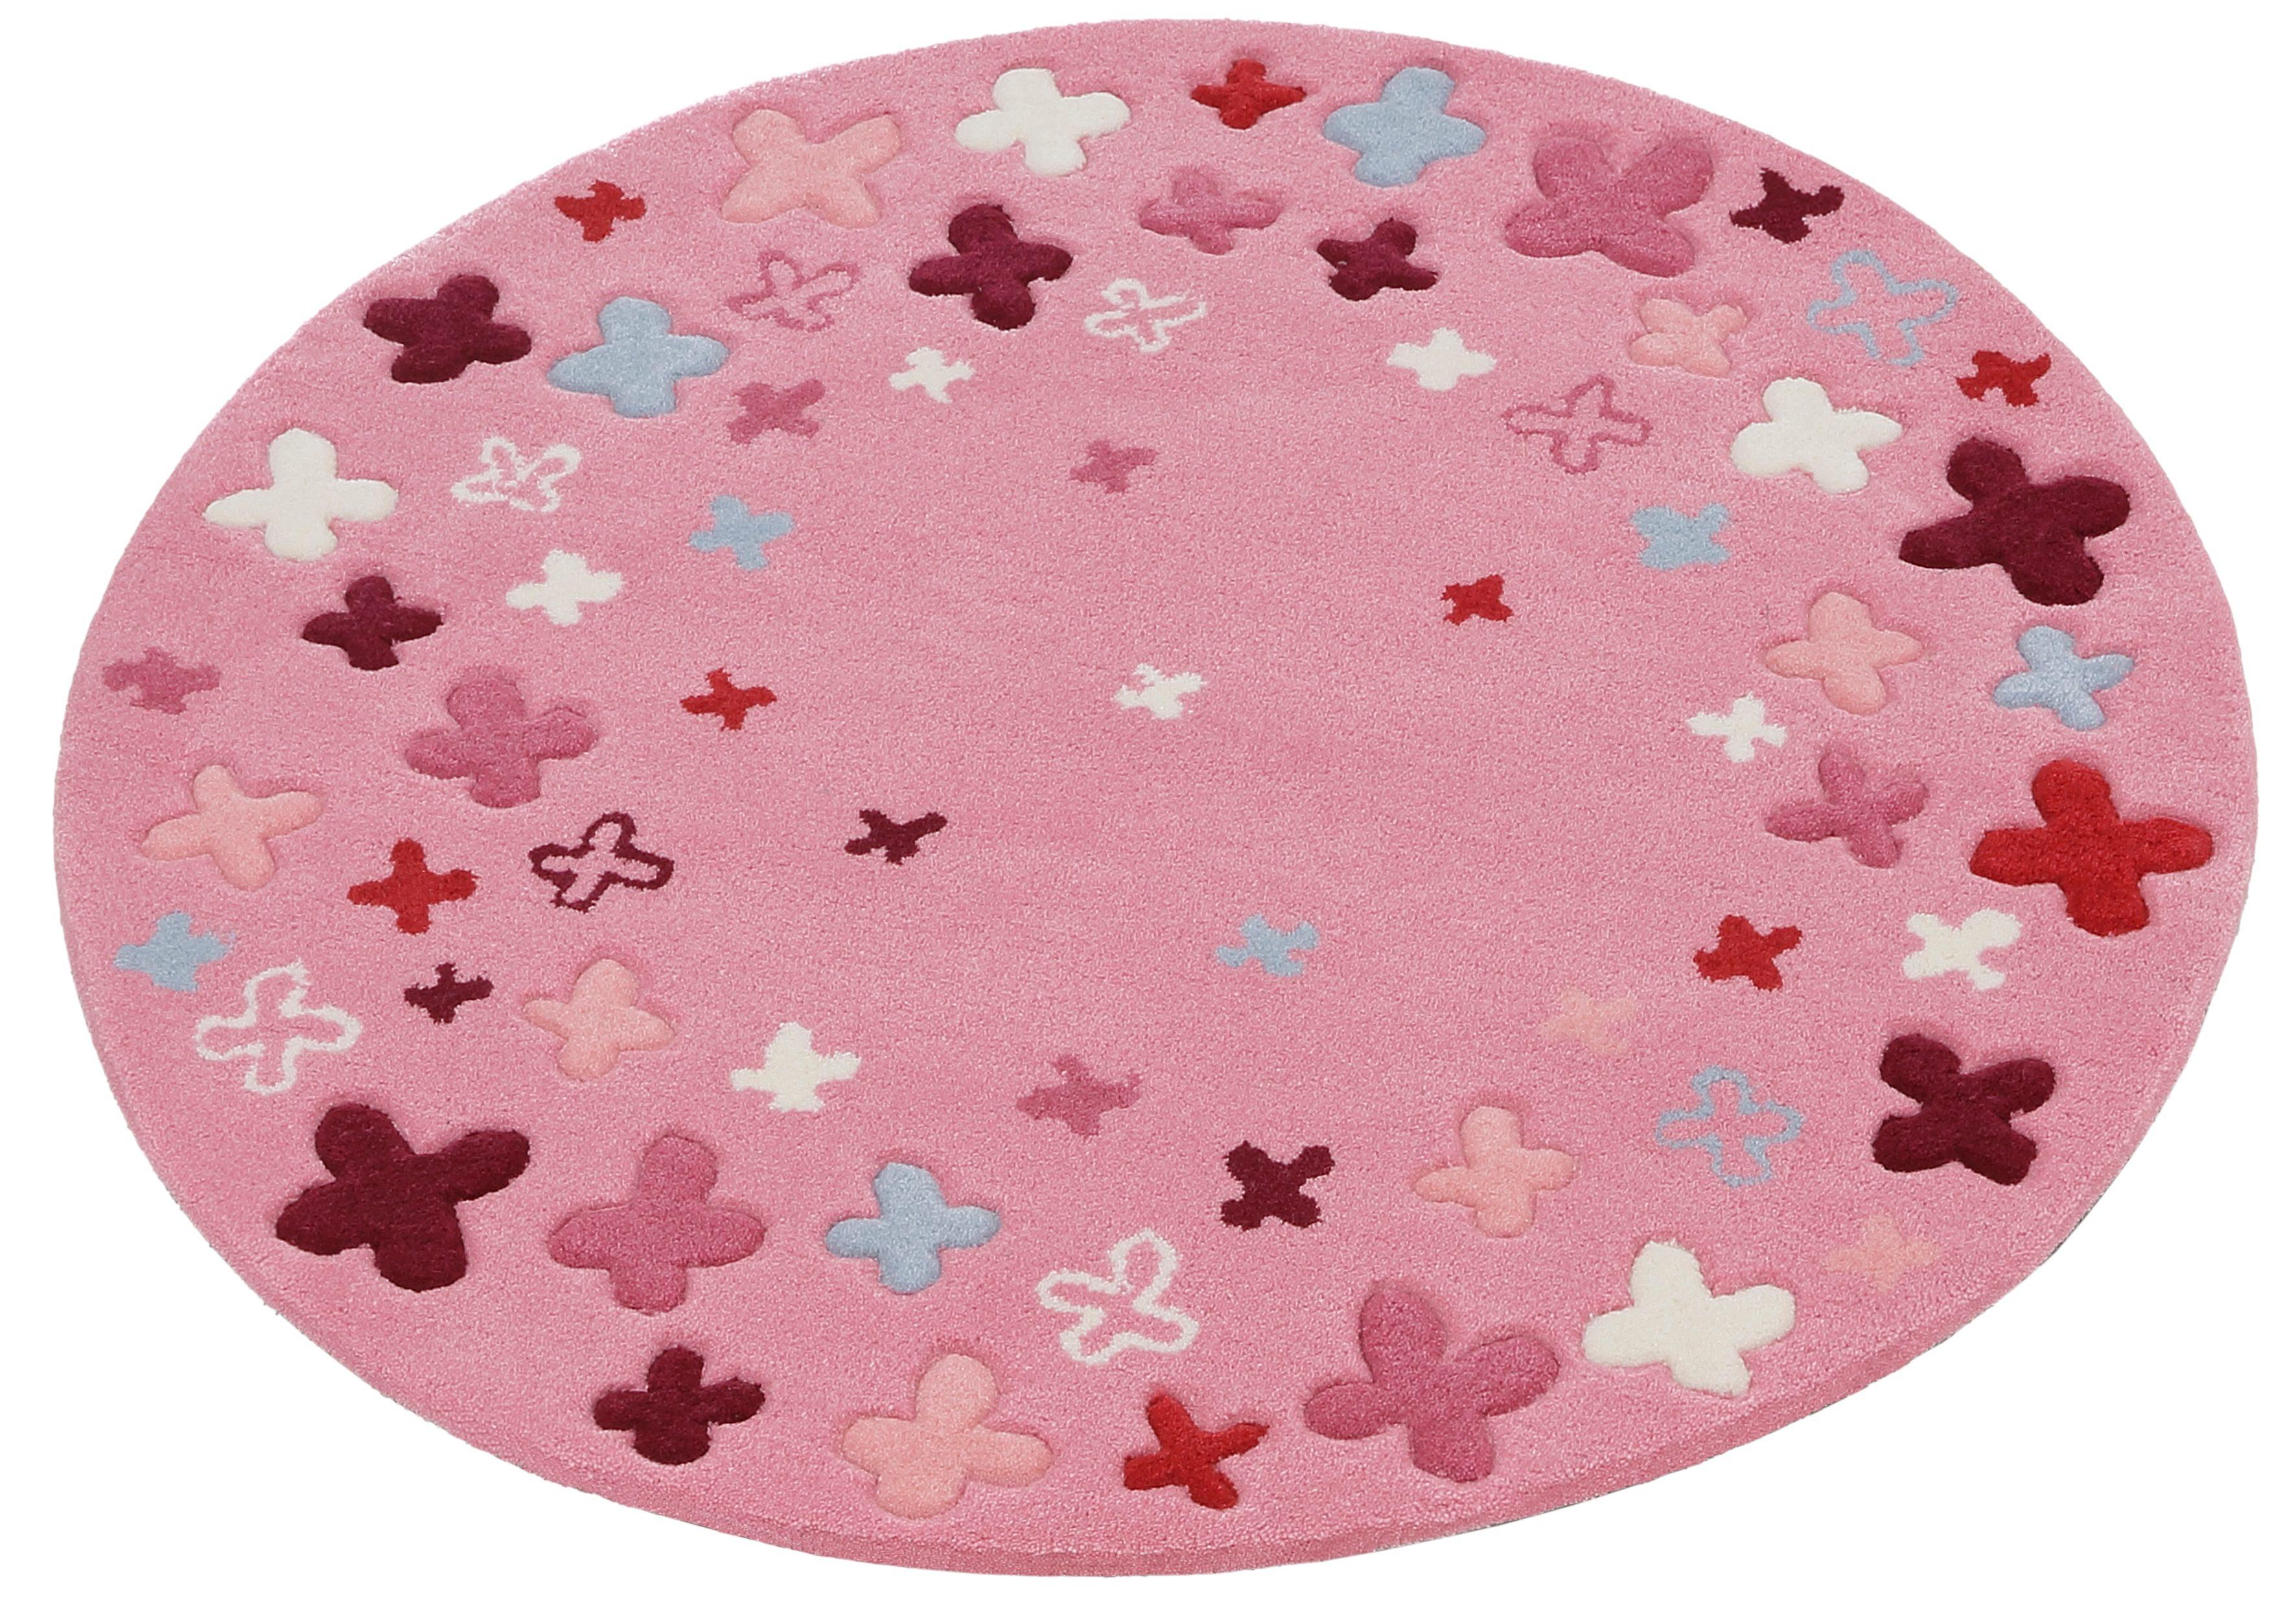 Kinderteppich Bloom Field Esprit rund Höhe 10 mm handgetuftet